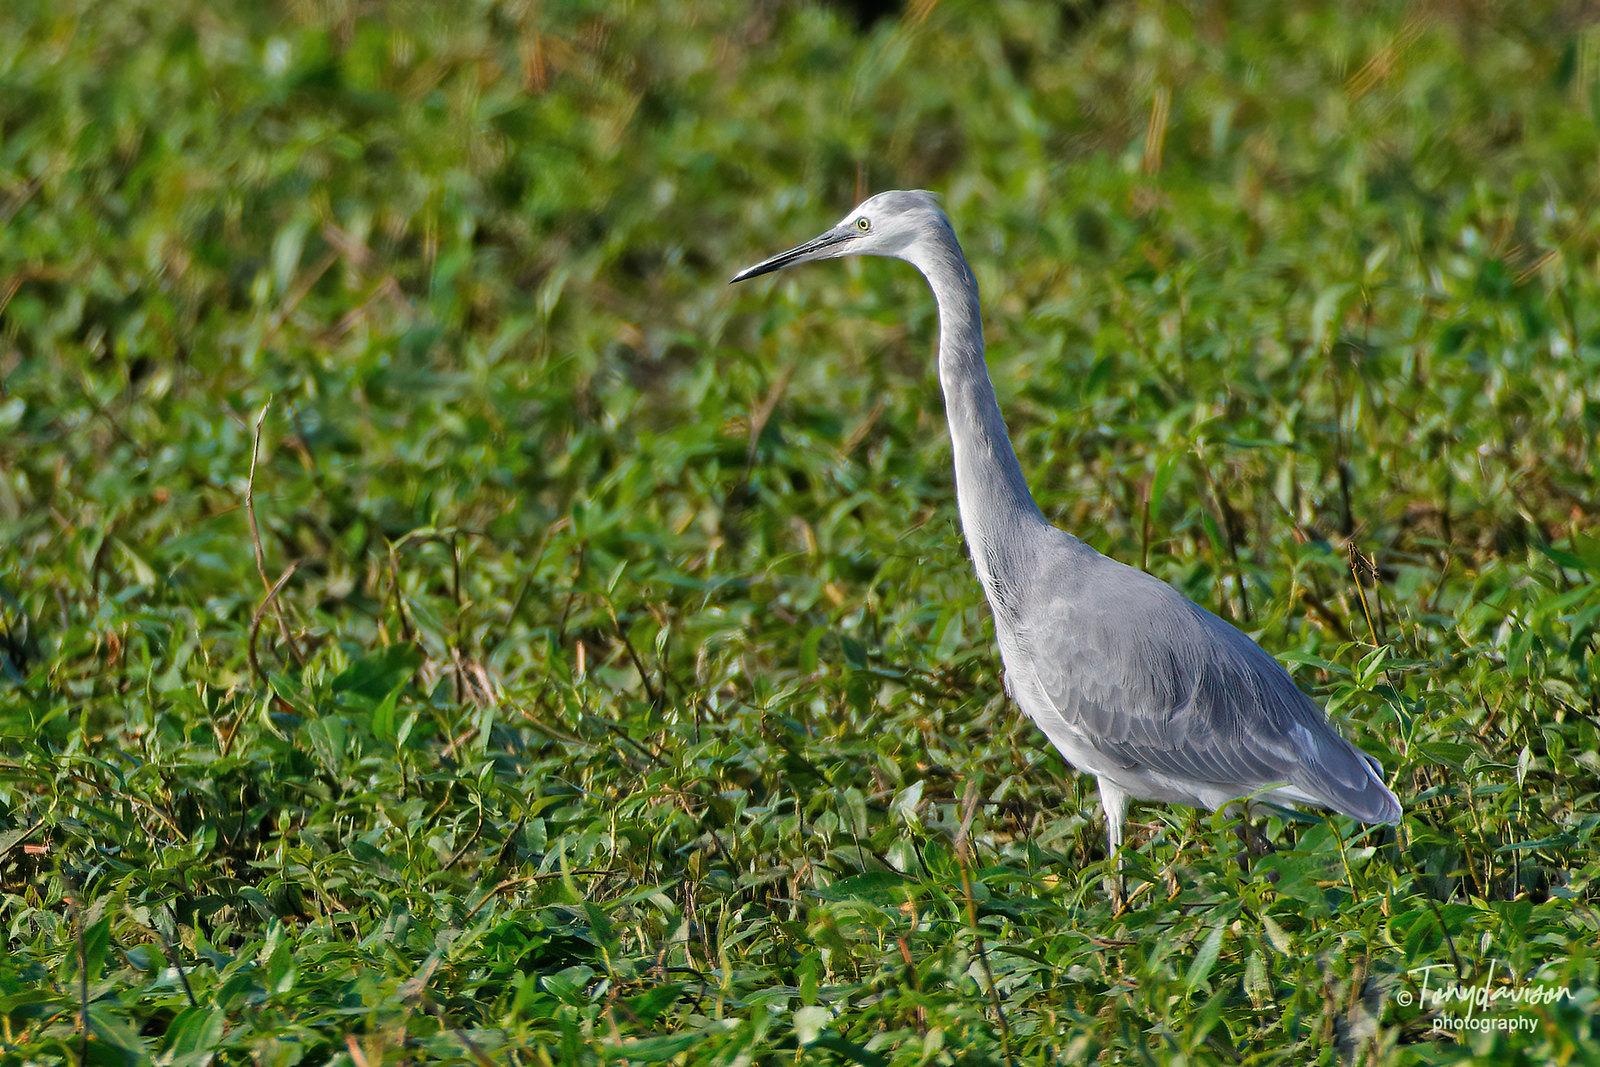 Little Egret - Blue Morph